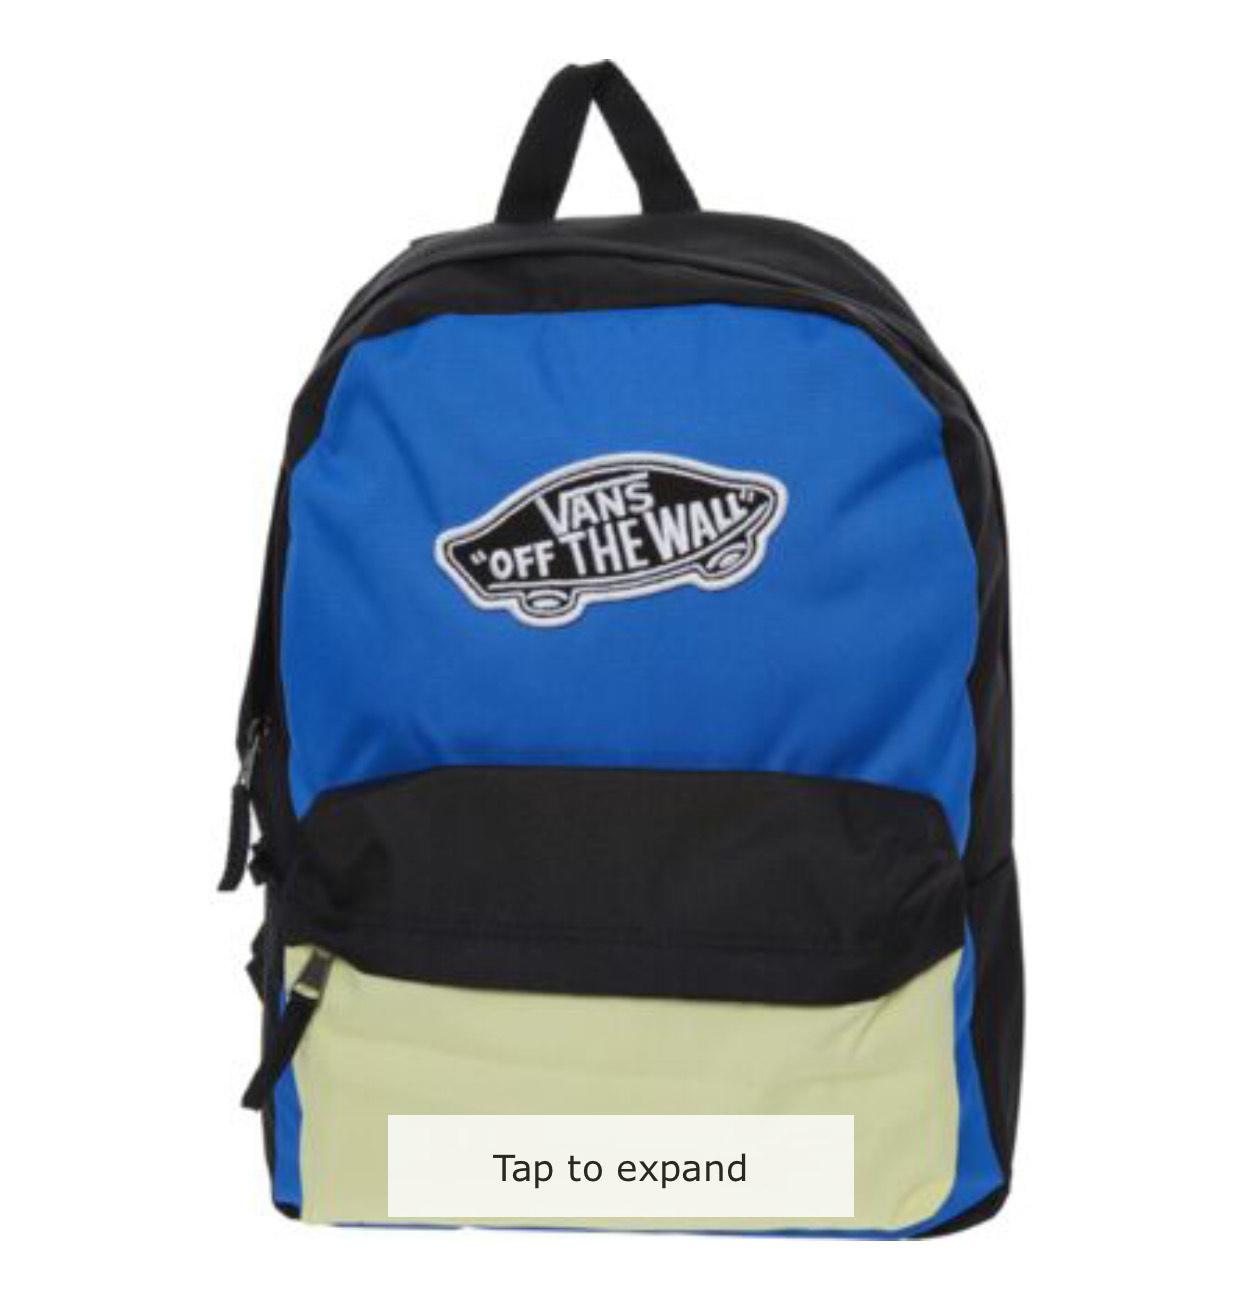 VANS Multicolour Colour Block Backpack £12.99 + £1.99 C&C = £14.98